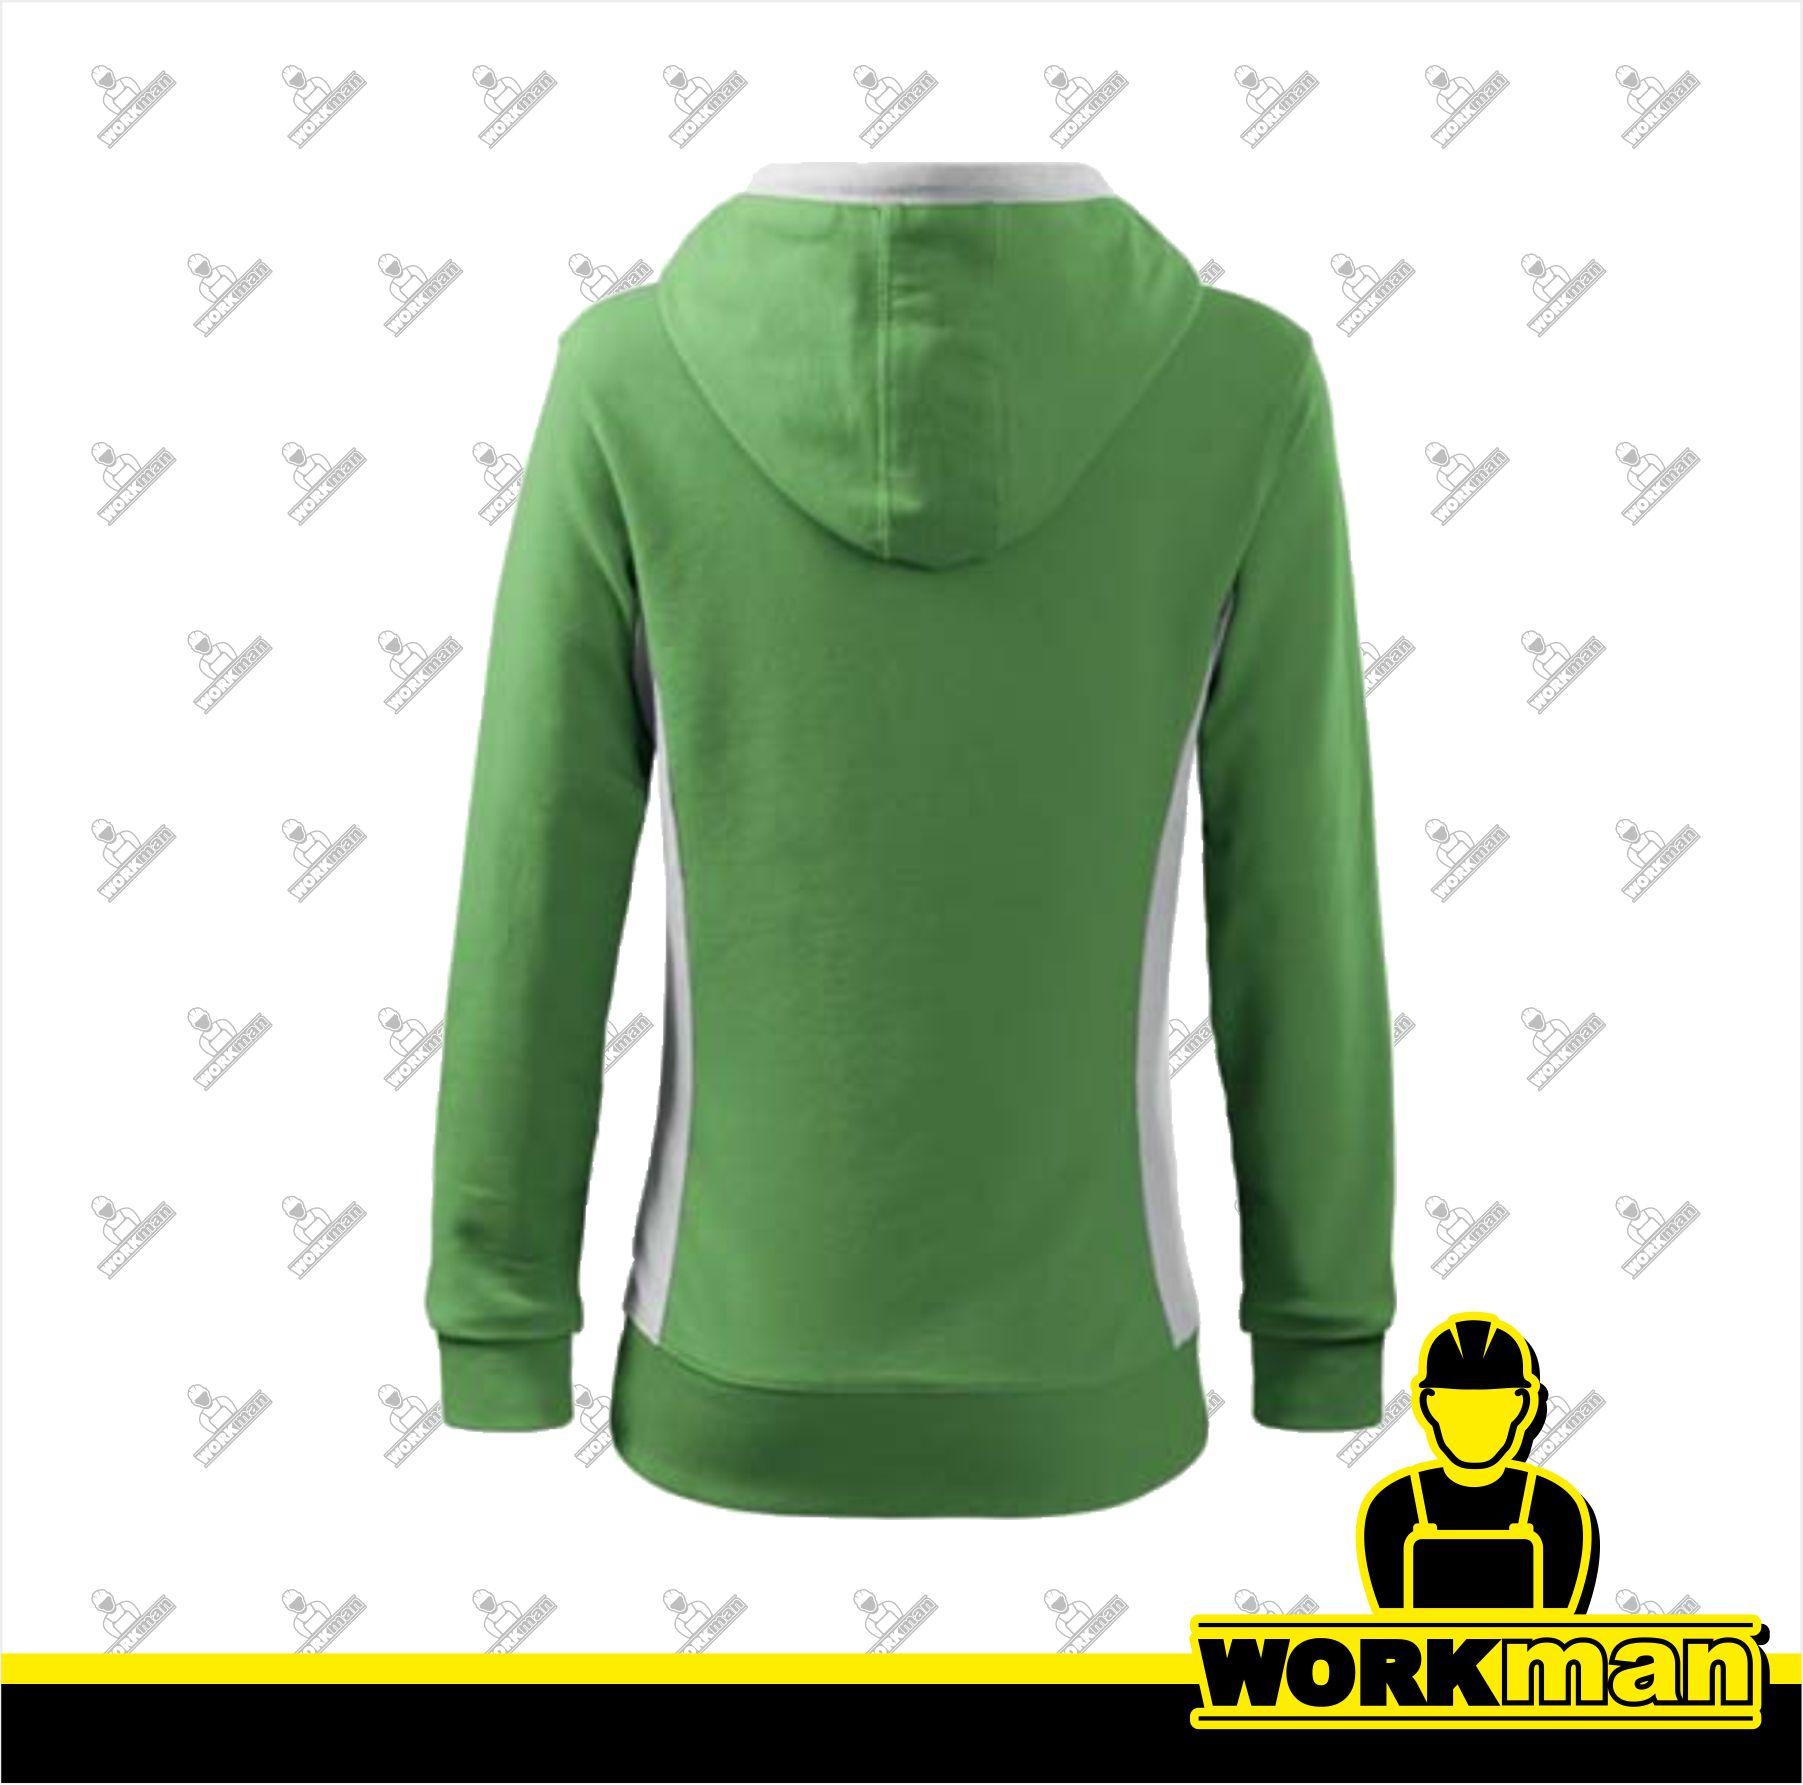 Mikina dámska KANGAROO Adler hrášková zelená pracovné odevy 0f60181ffe4